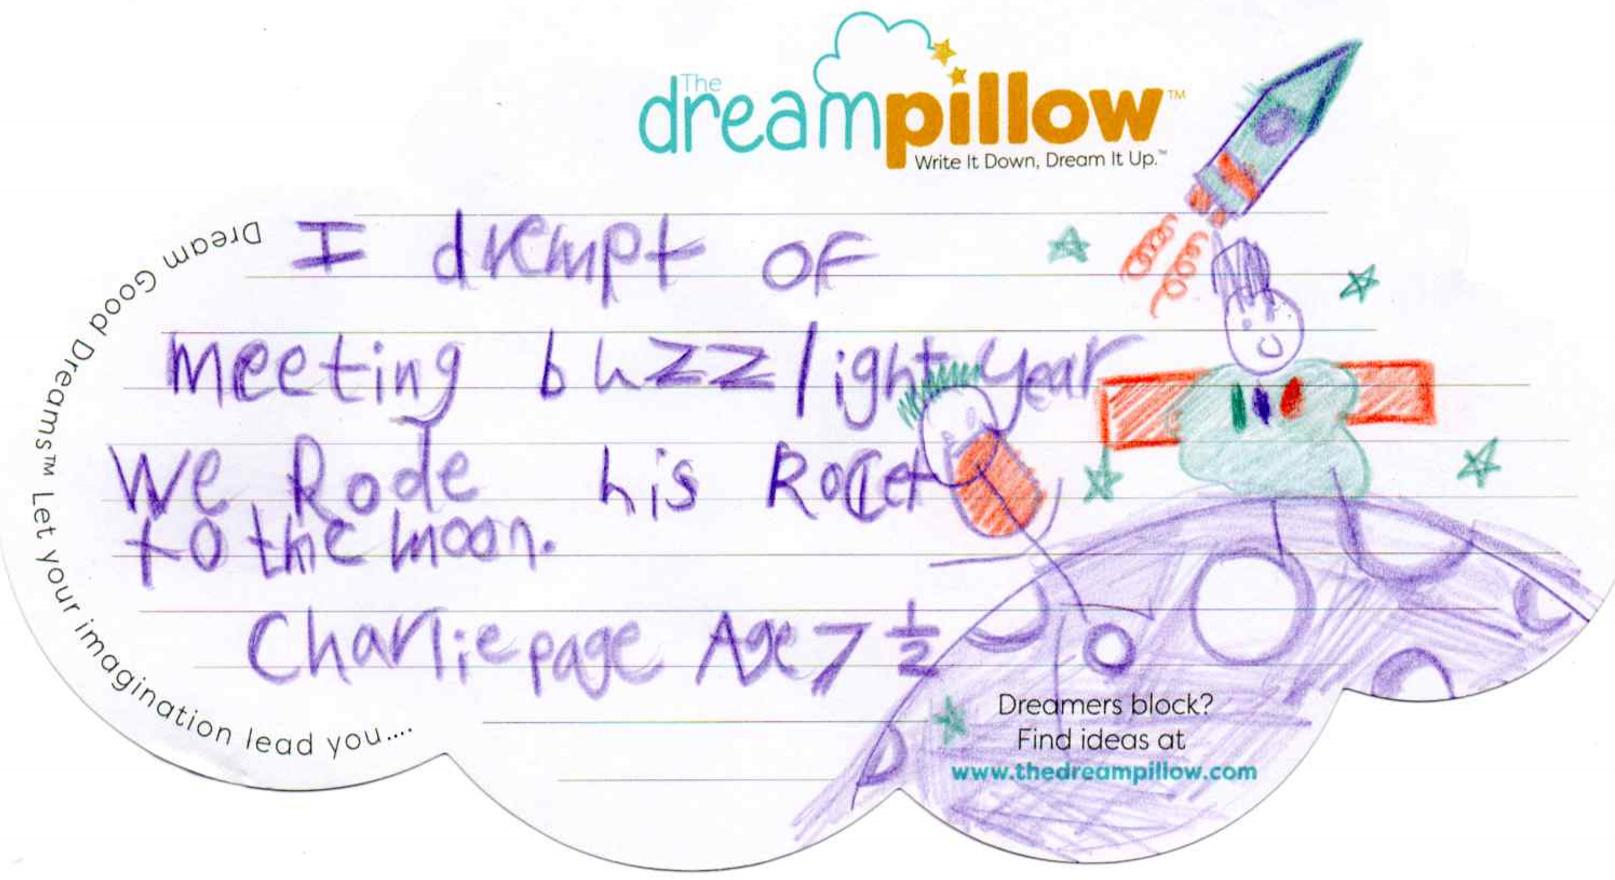 Dans ce rêve, Charlie de Wallsall (7 ans et demi), rencontre Buzz l'Éclair pour une visite de la Lune.